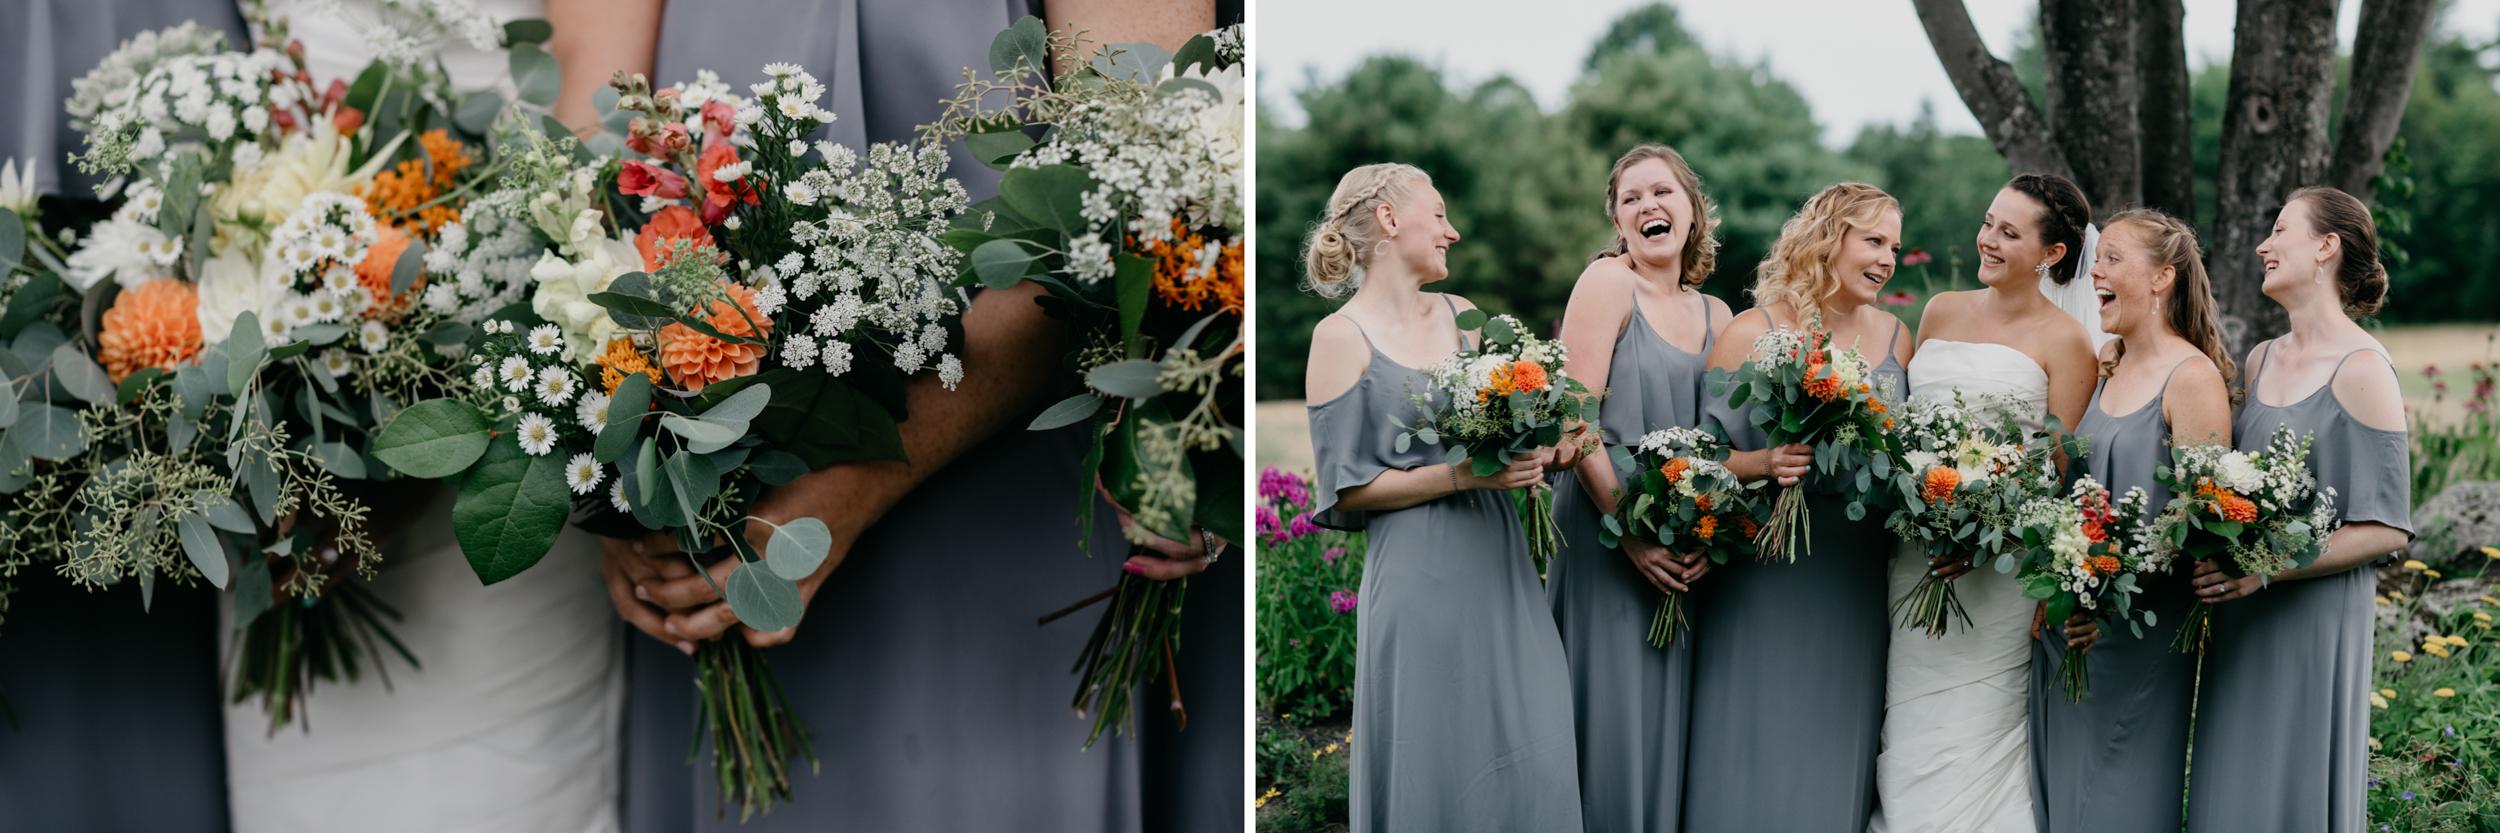 Jessie_Erik_Pownal_Maine_Wedding_William_allen_farm_014.jpg